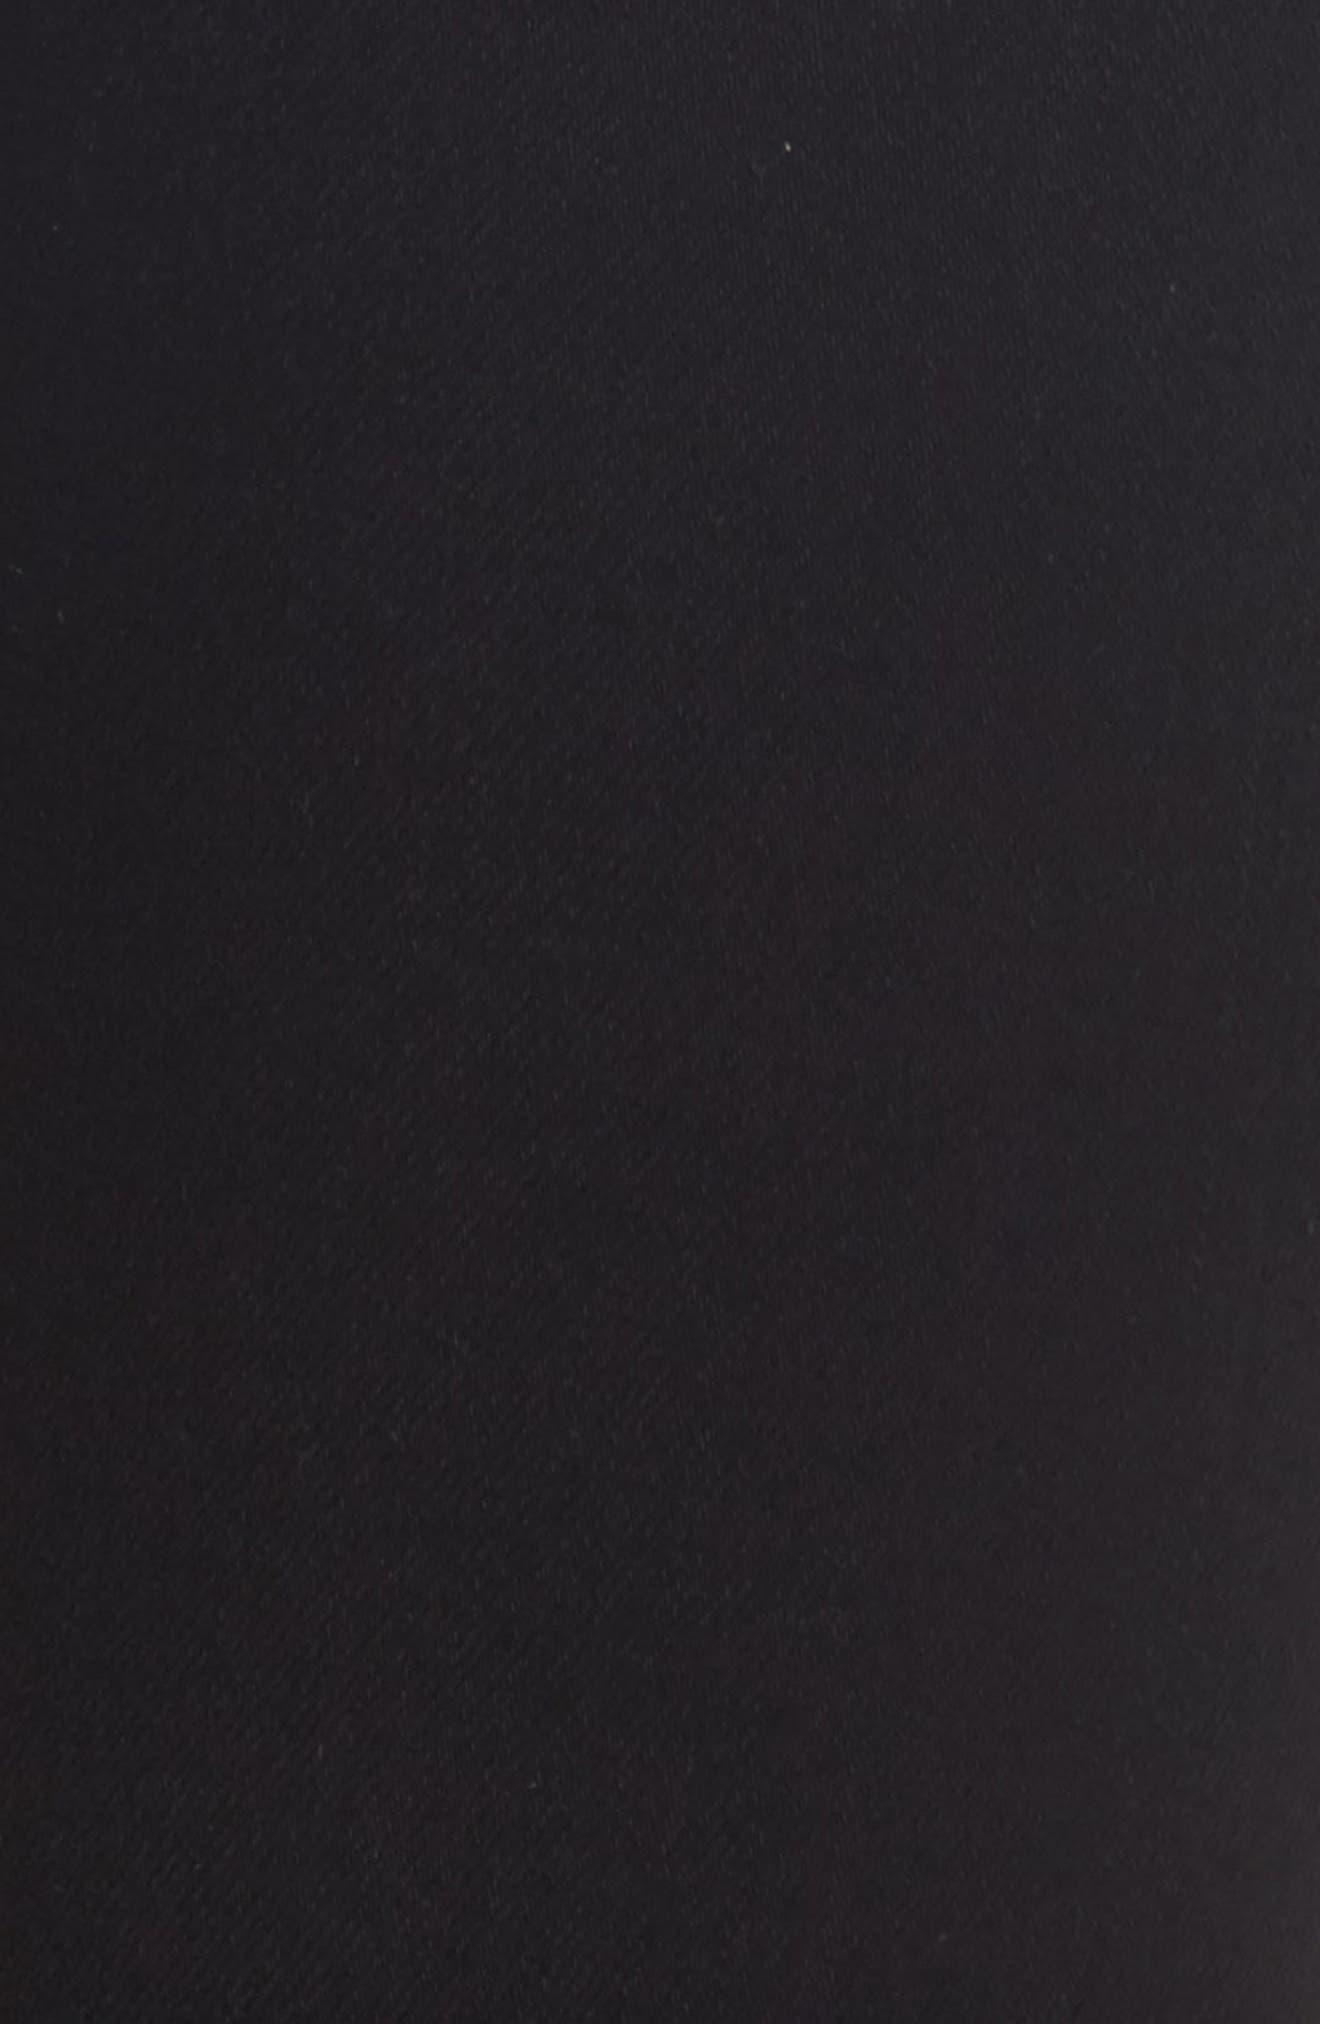 Alternate Image 5  - Hudson Jeans 'Elysian - Nico' Super Skinny Jeans (Destructed Black) (Nordstrom Exclusive)